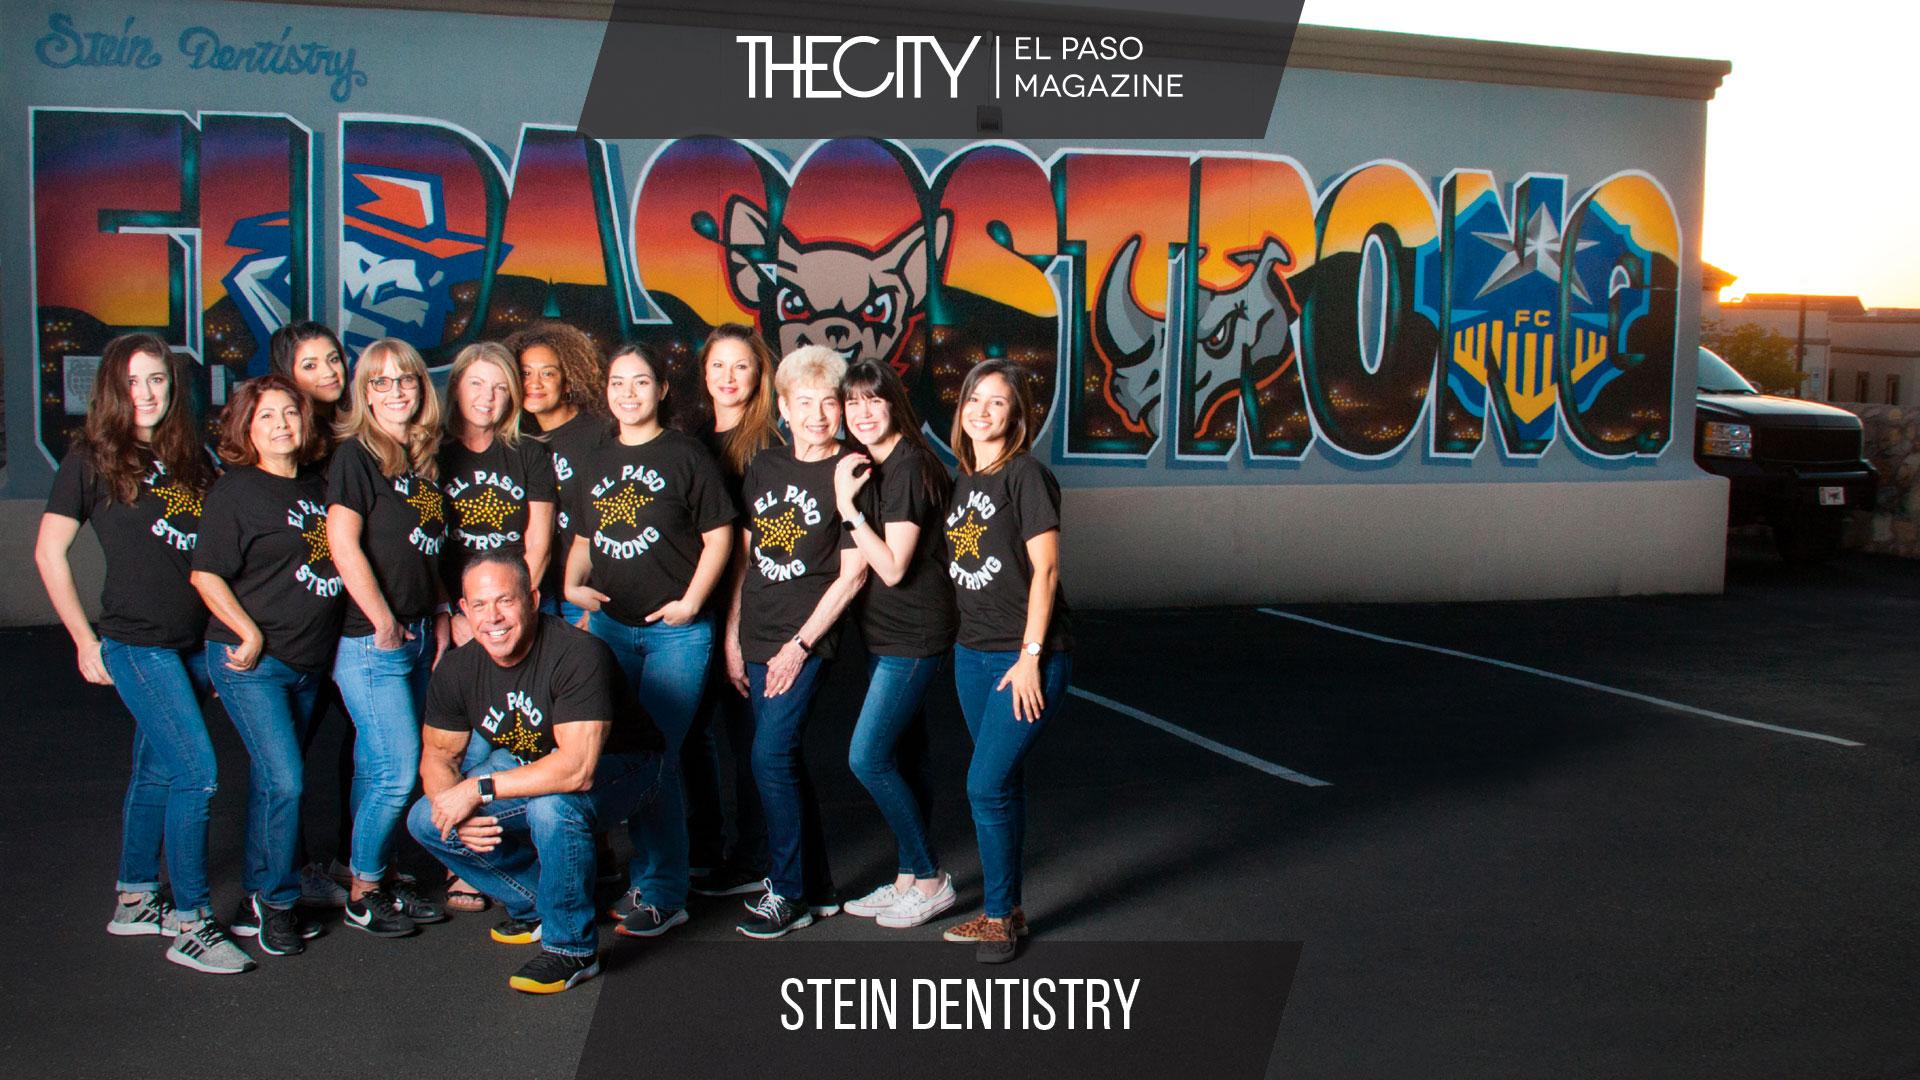 Dental Professionals: Stein dentistry